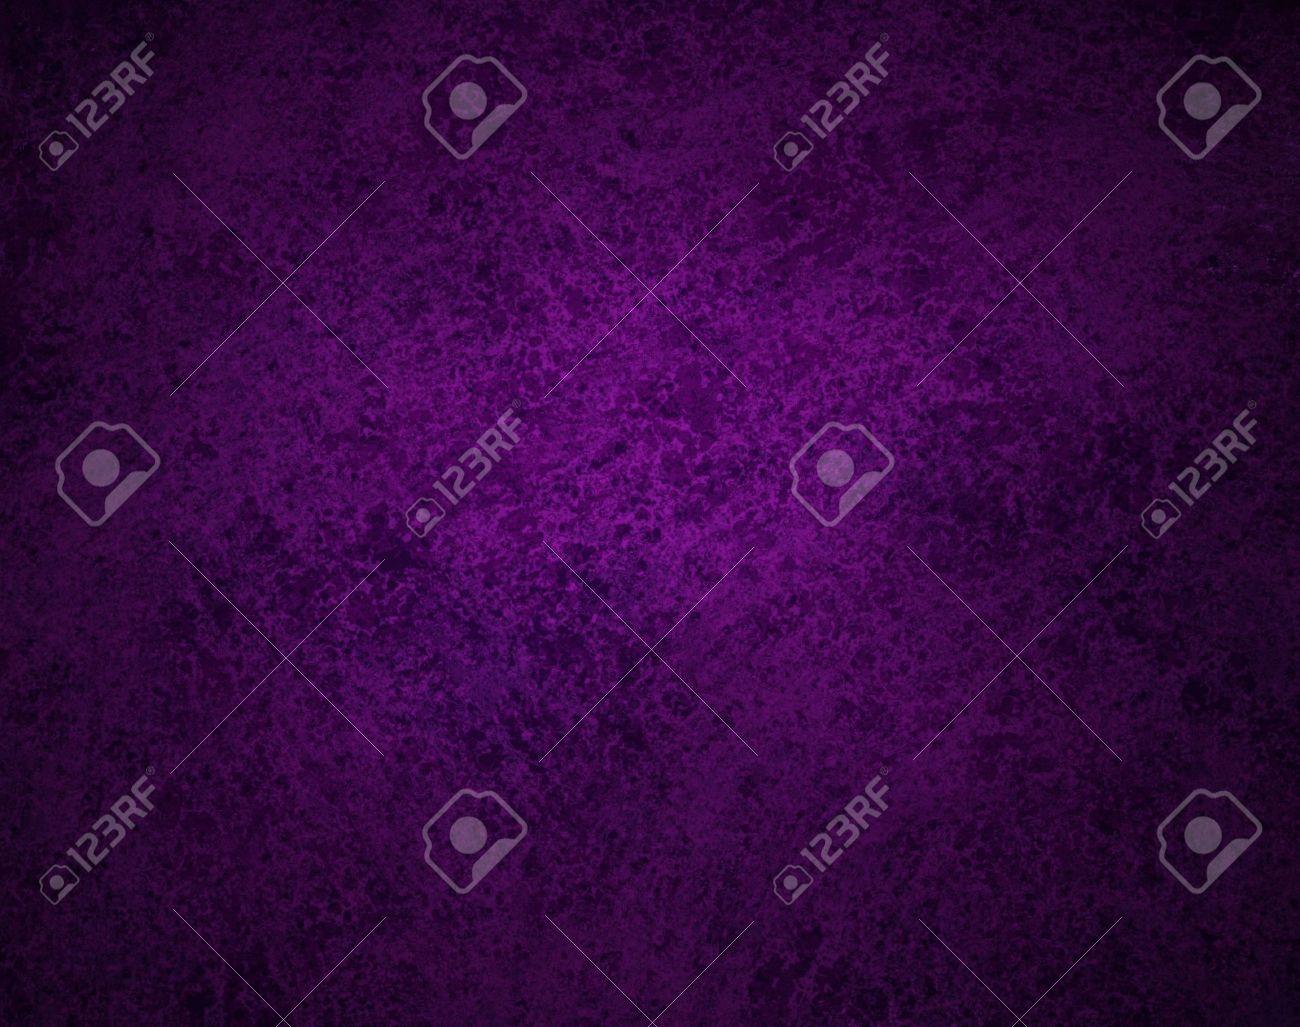 Black And Purple Wallpaper Design